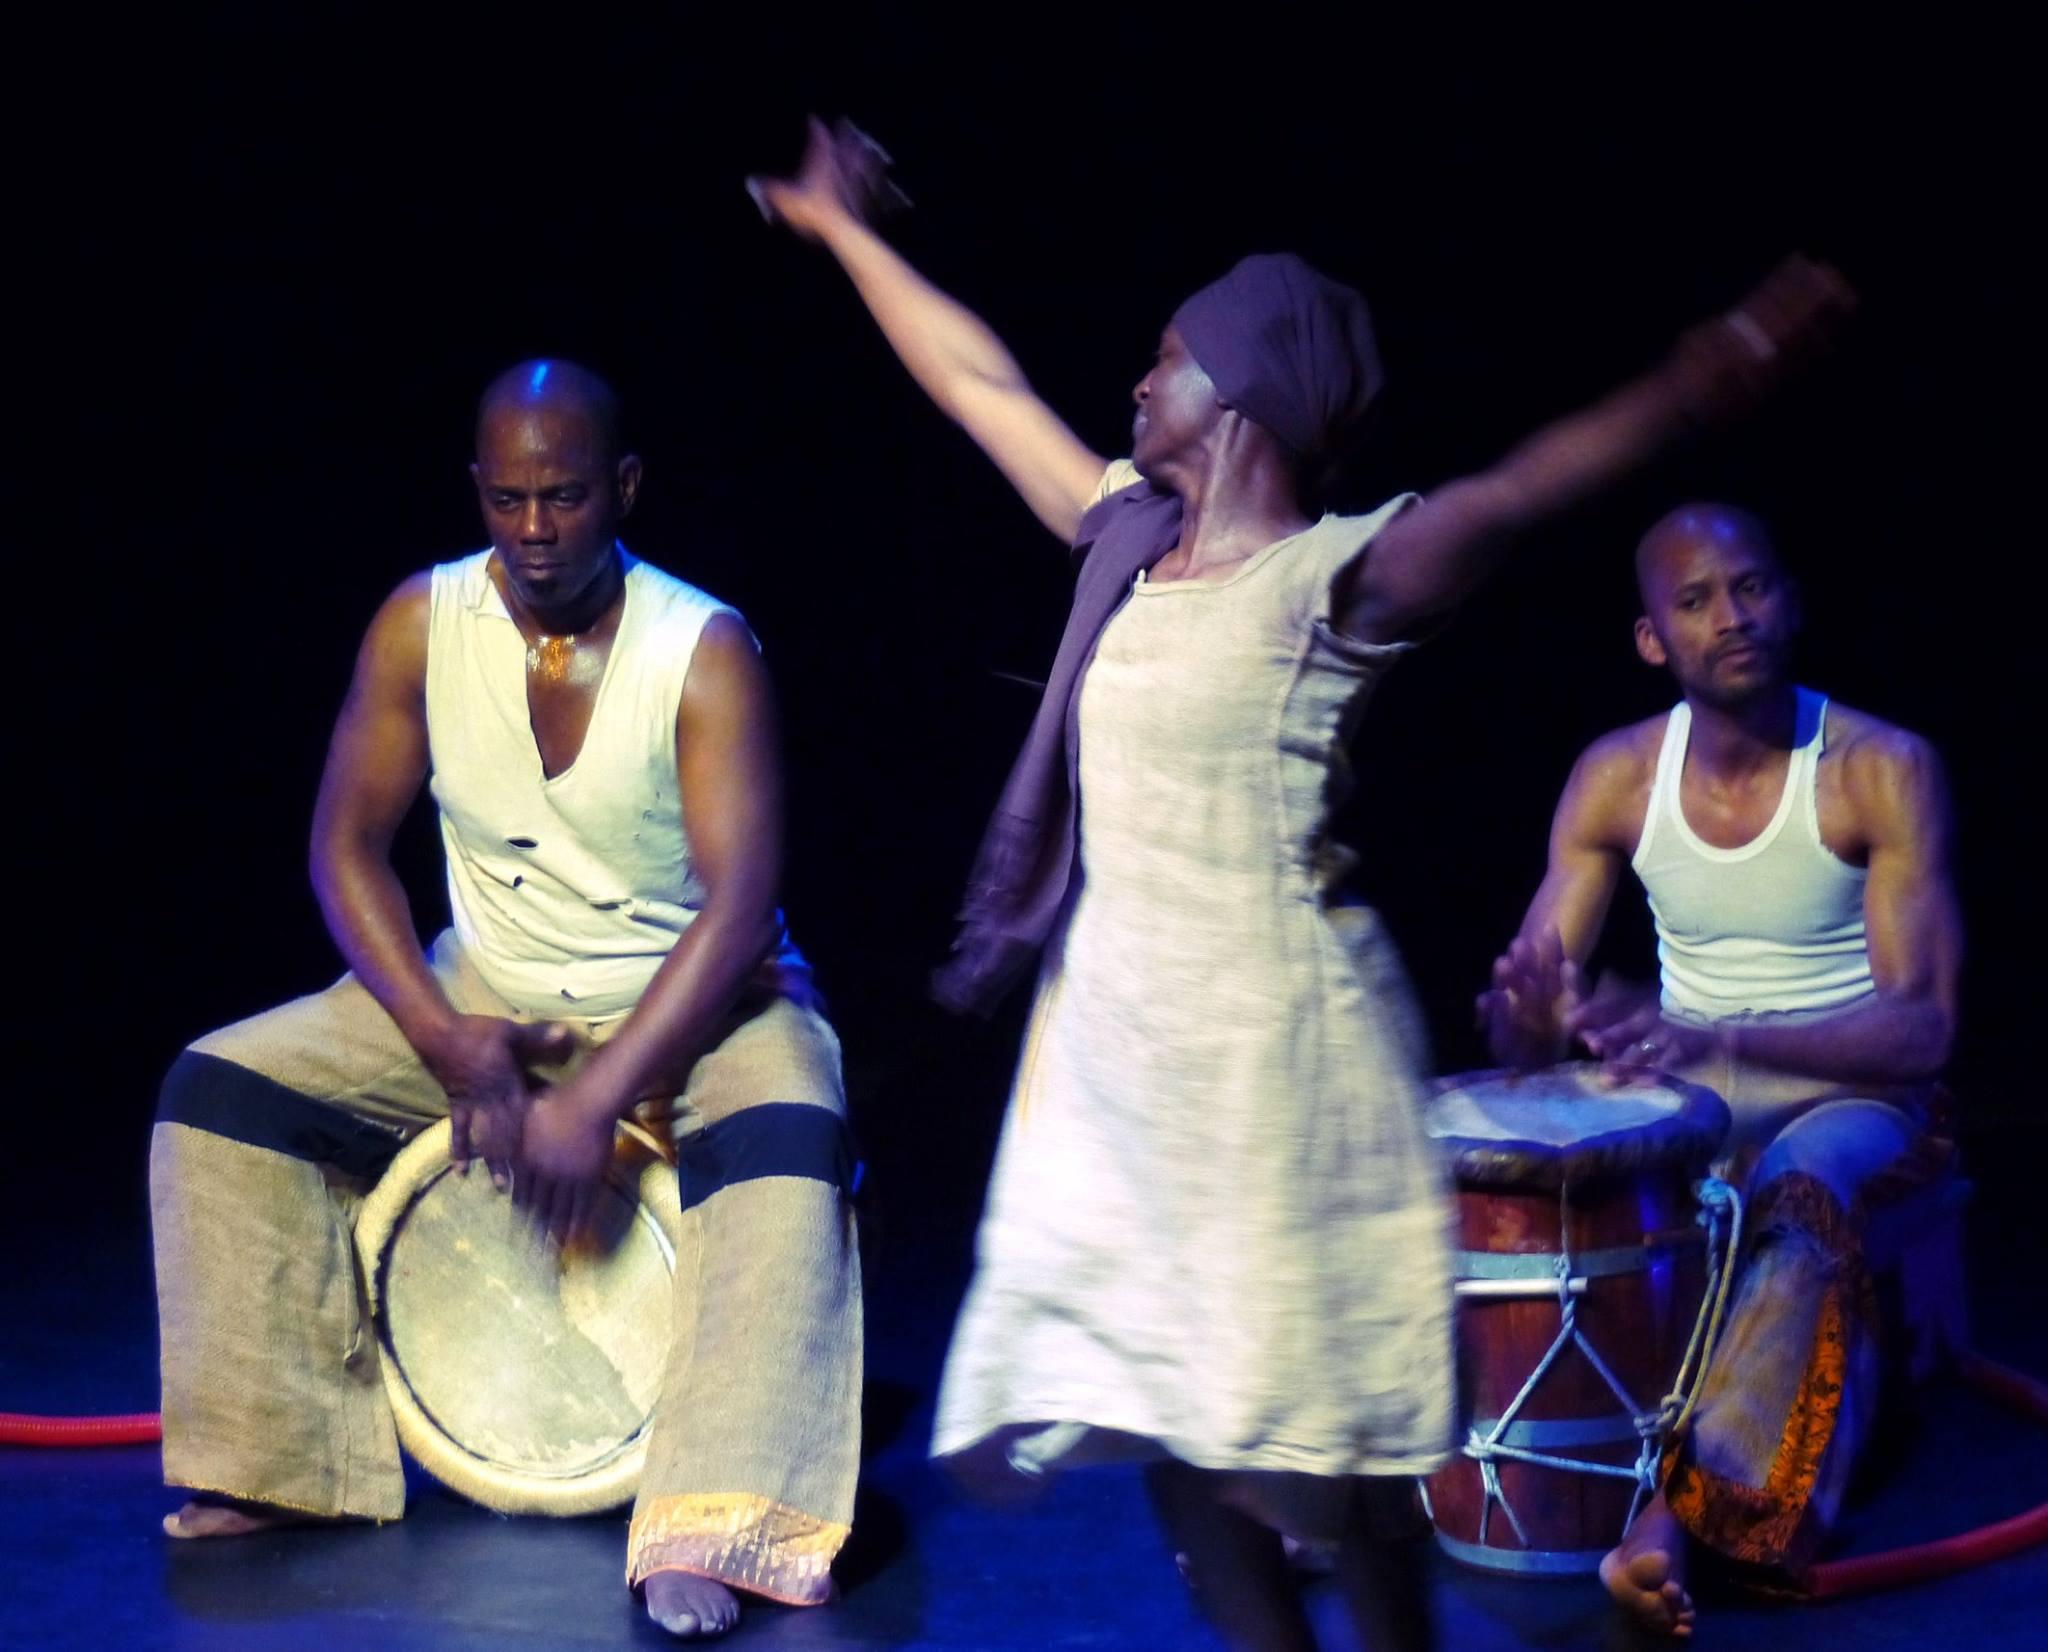 cie-boukousou-waka-douvan-jou-cite-musique-marseille-67